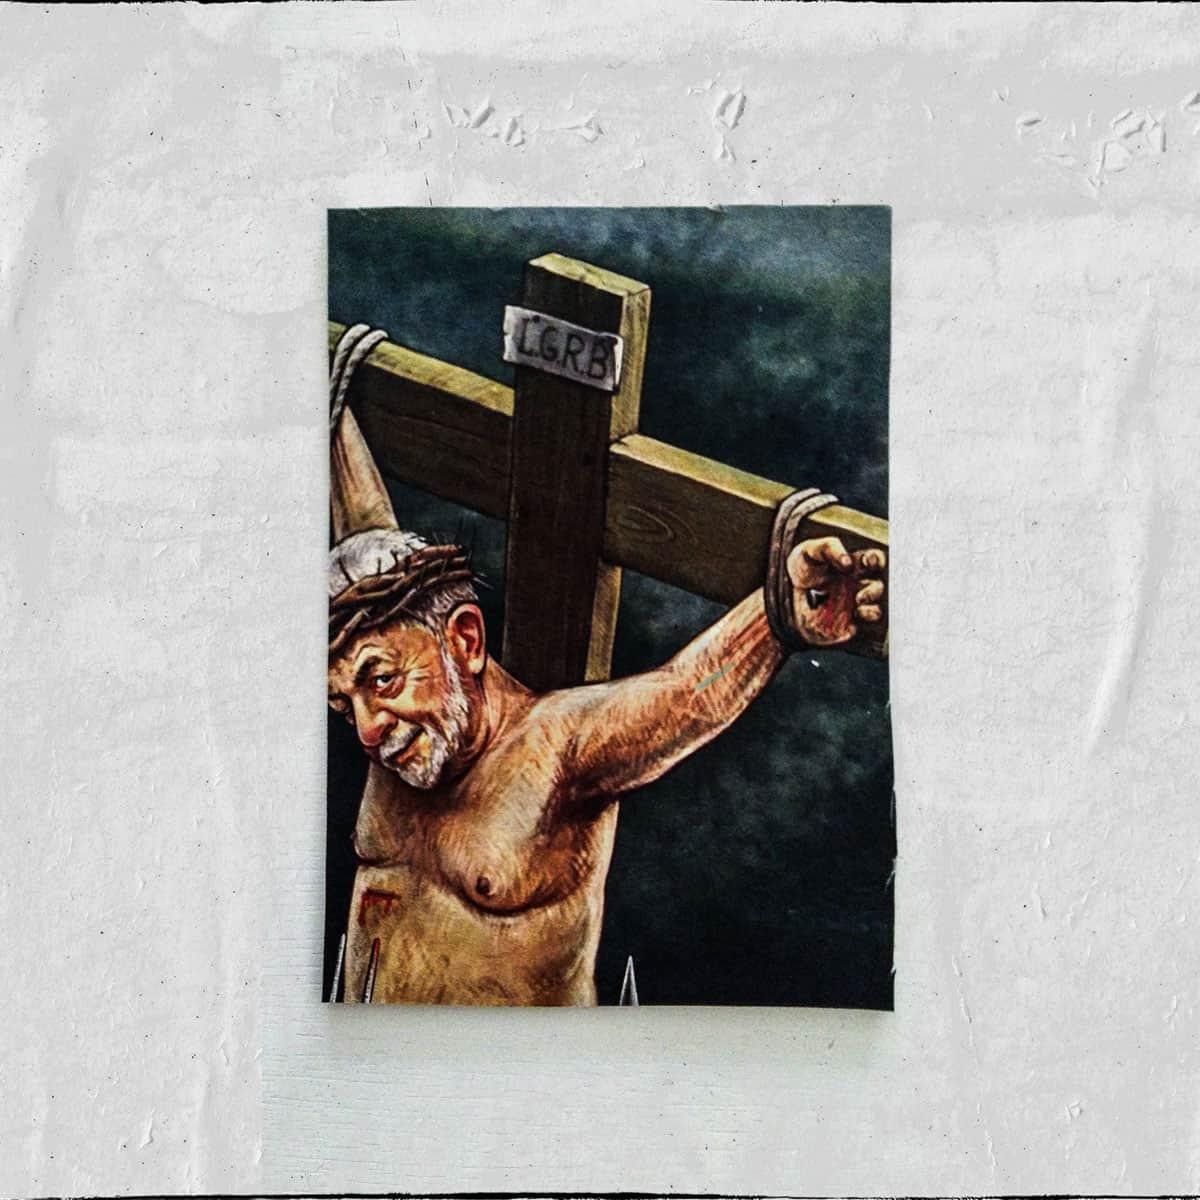 Cartões 18 de janeiro, Colagem — ColetivoPolvora Folha Piauí 18 de janeiro13